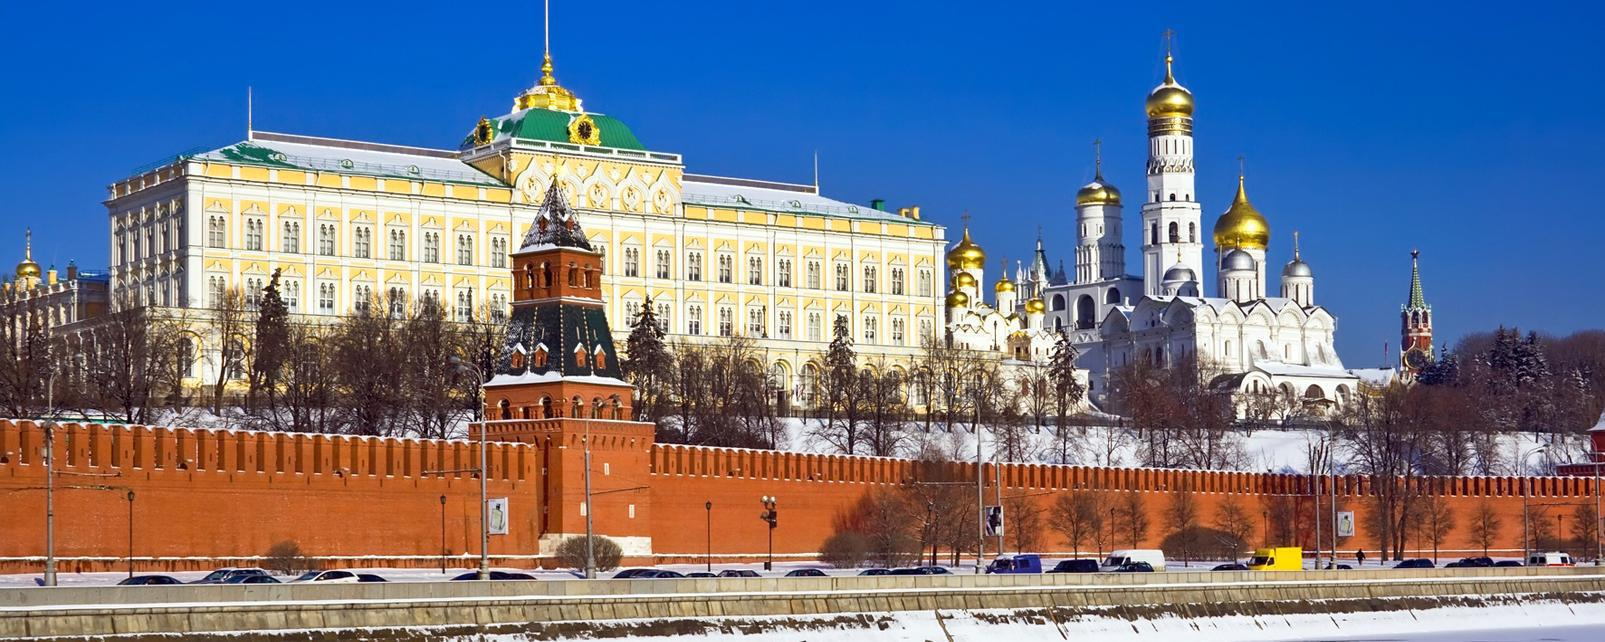 Petit guide de survie pour les mariages russes - Russia